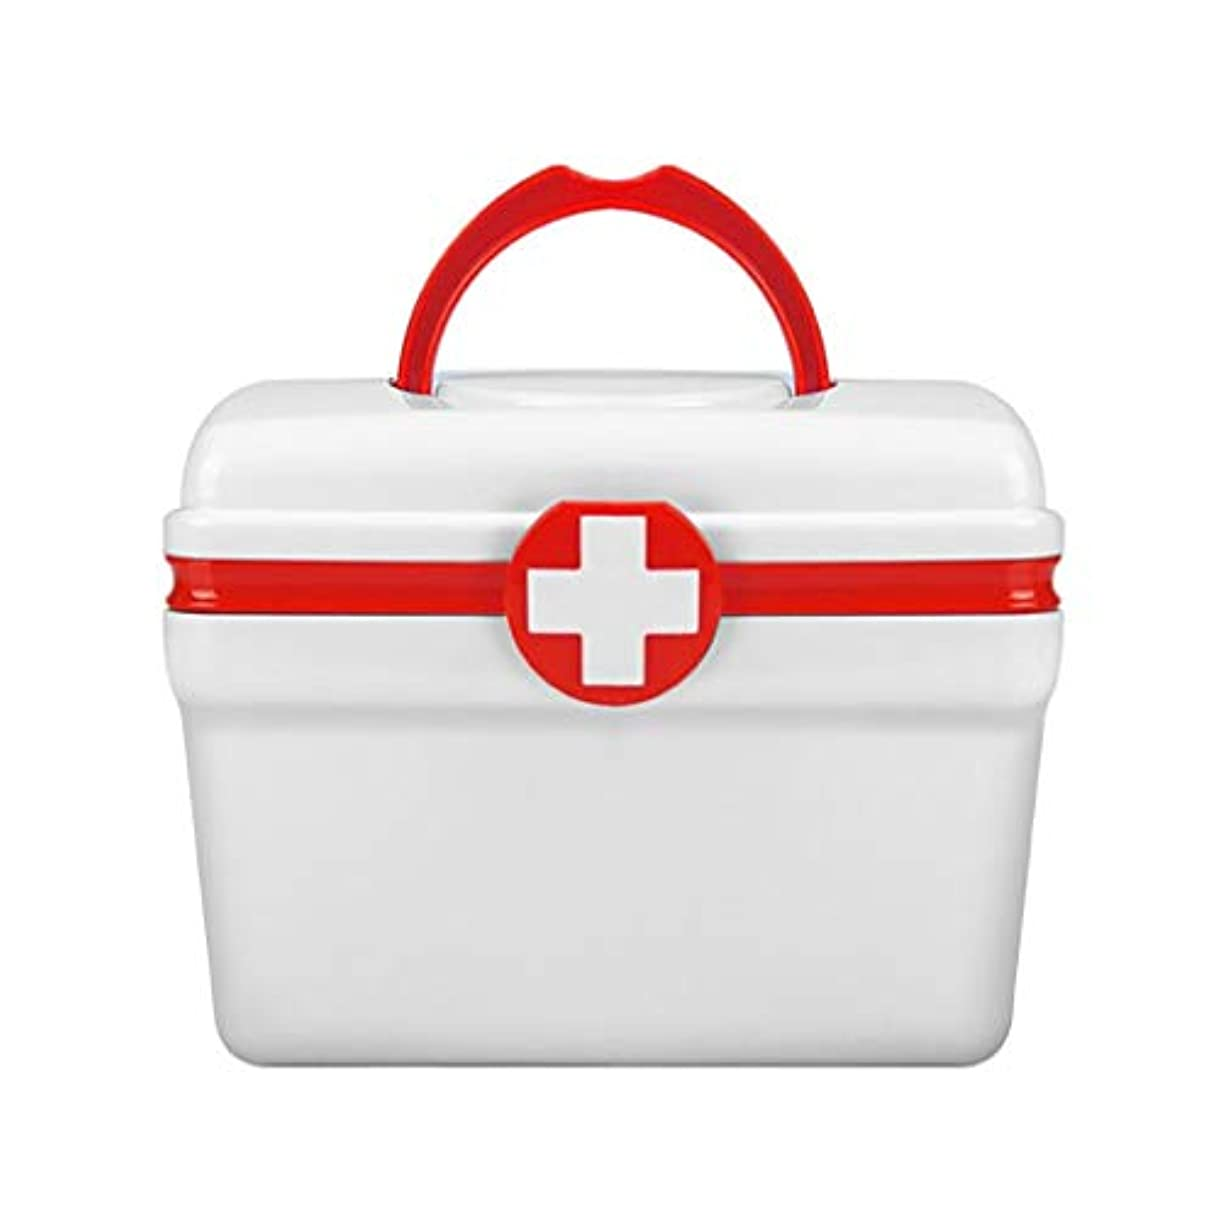 借りる舌大いに応急処置キットボックスケース、救急薬収納ボックス2層プラスチック応急処置コンテナー家族薬ホルダーキャビネット家庭用医療ボックス-2サイズ